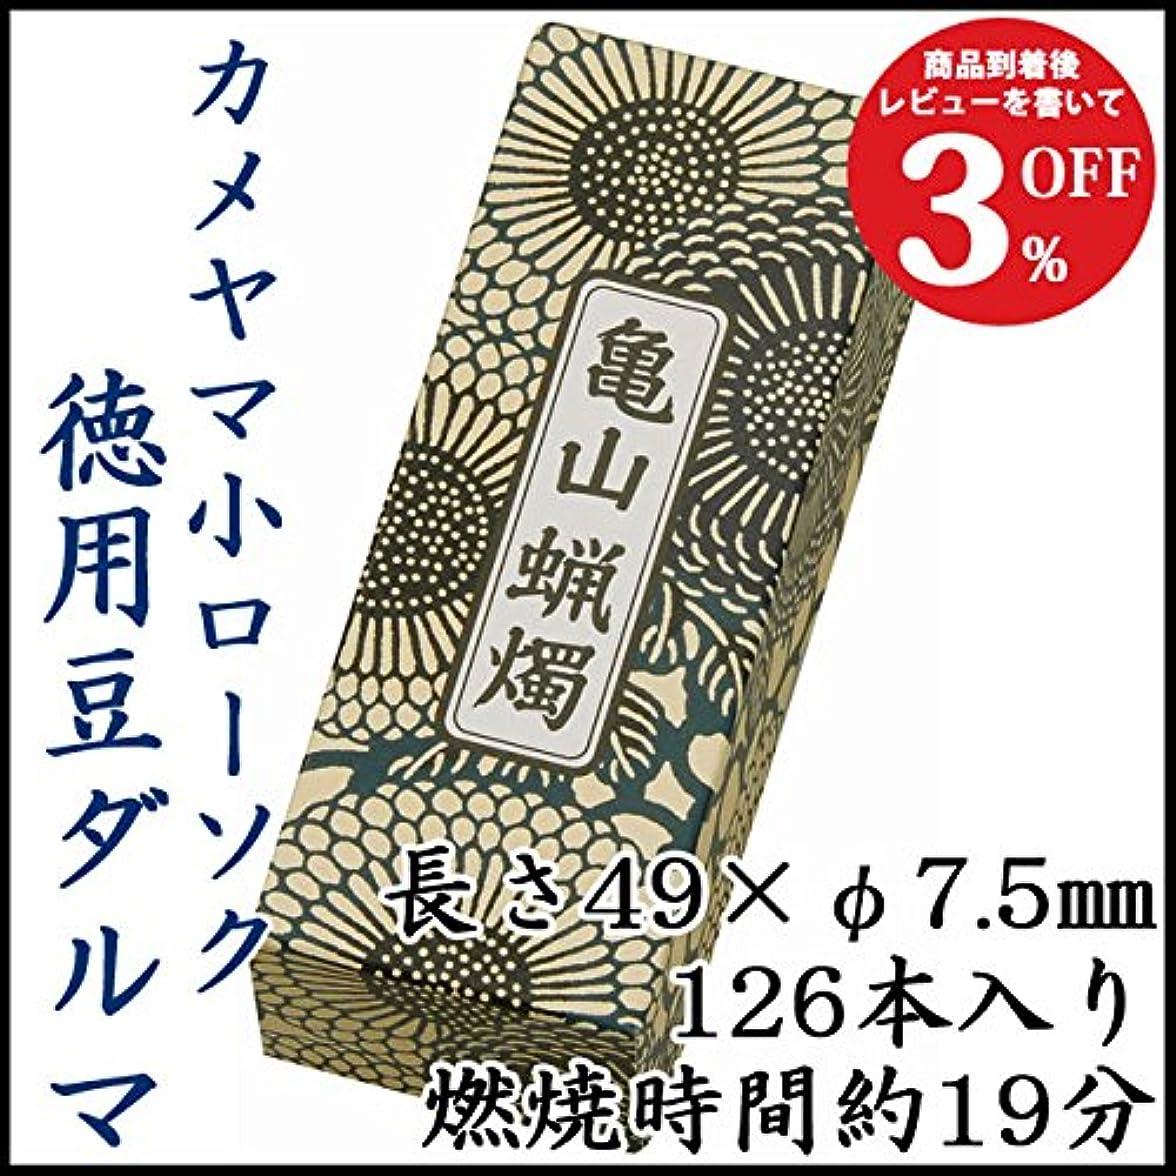 雪しなやかな経済カメヤマ小ローソク 徳用豆ダルマA#151 225g